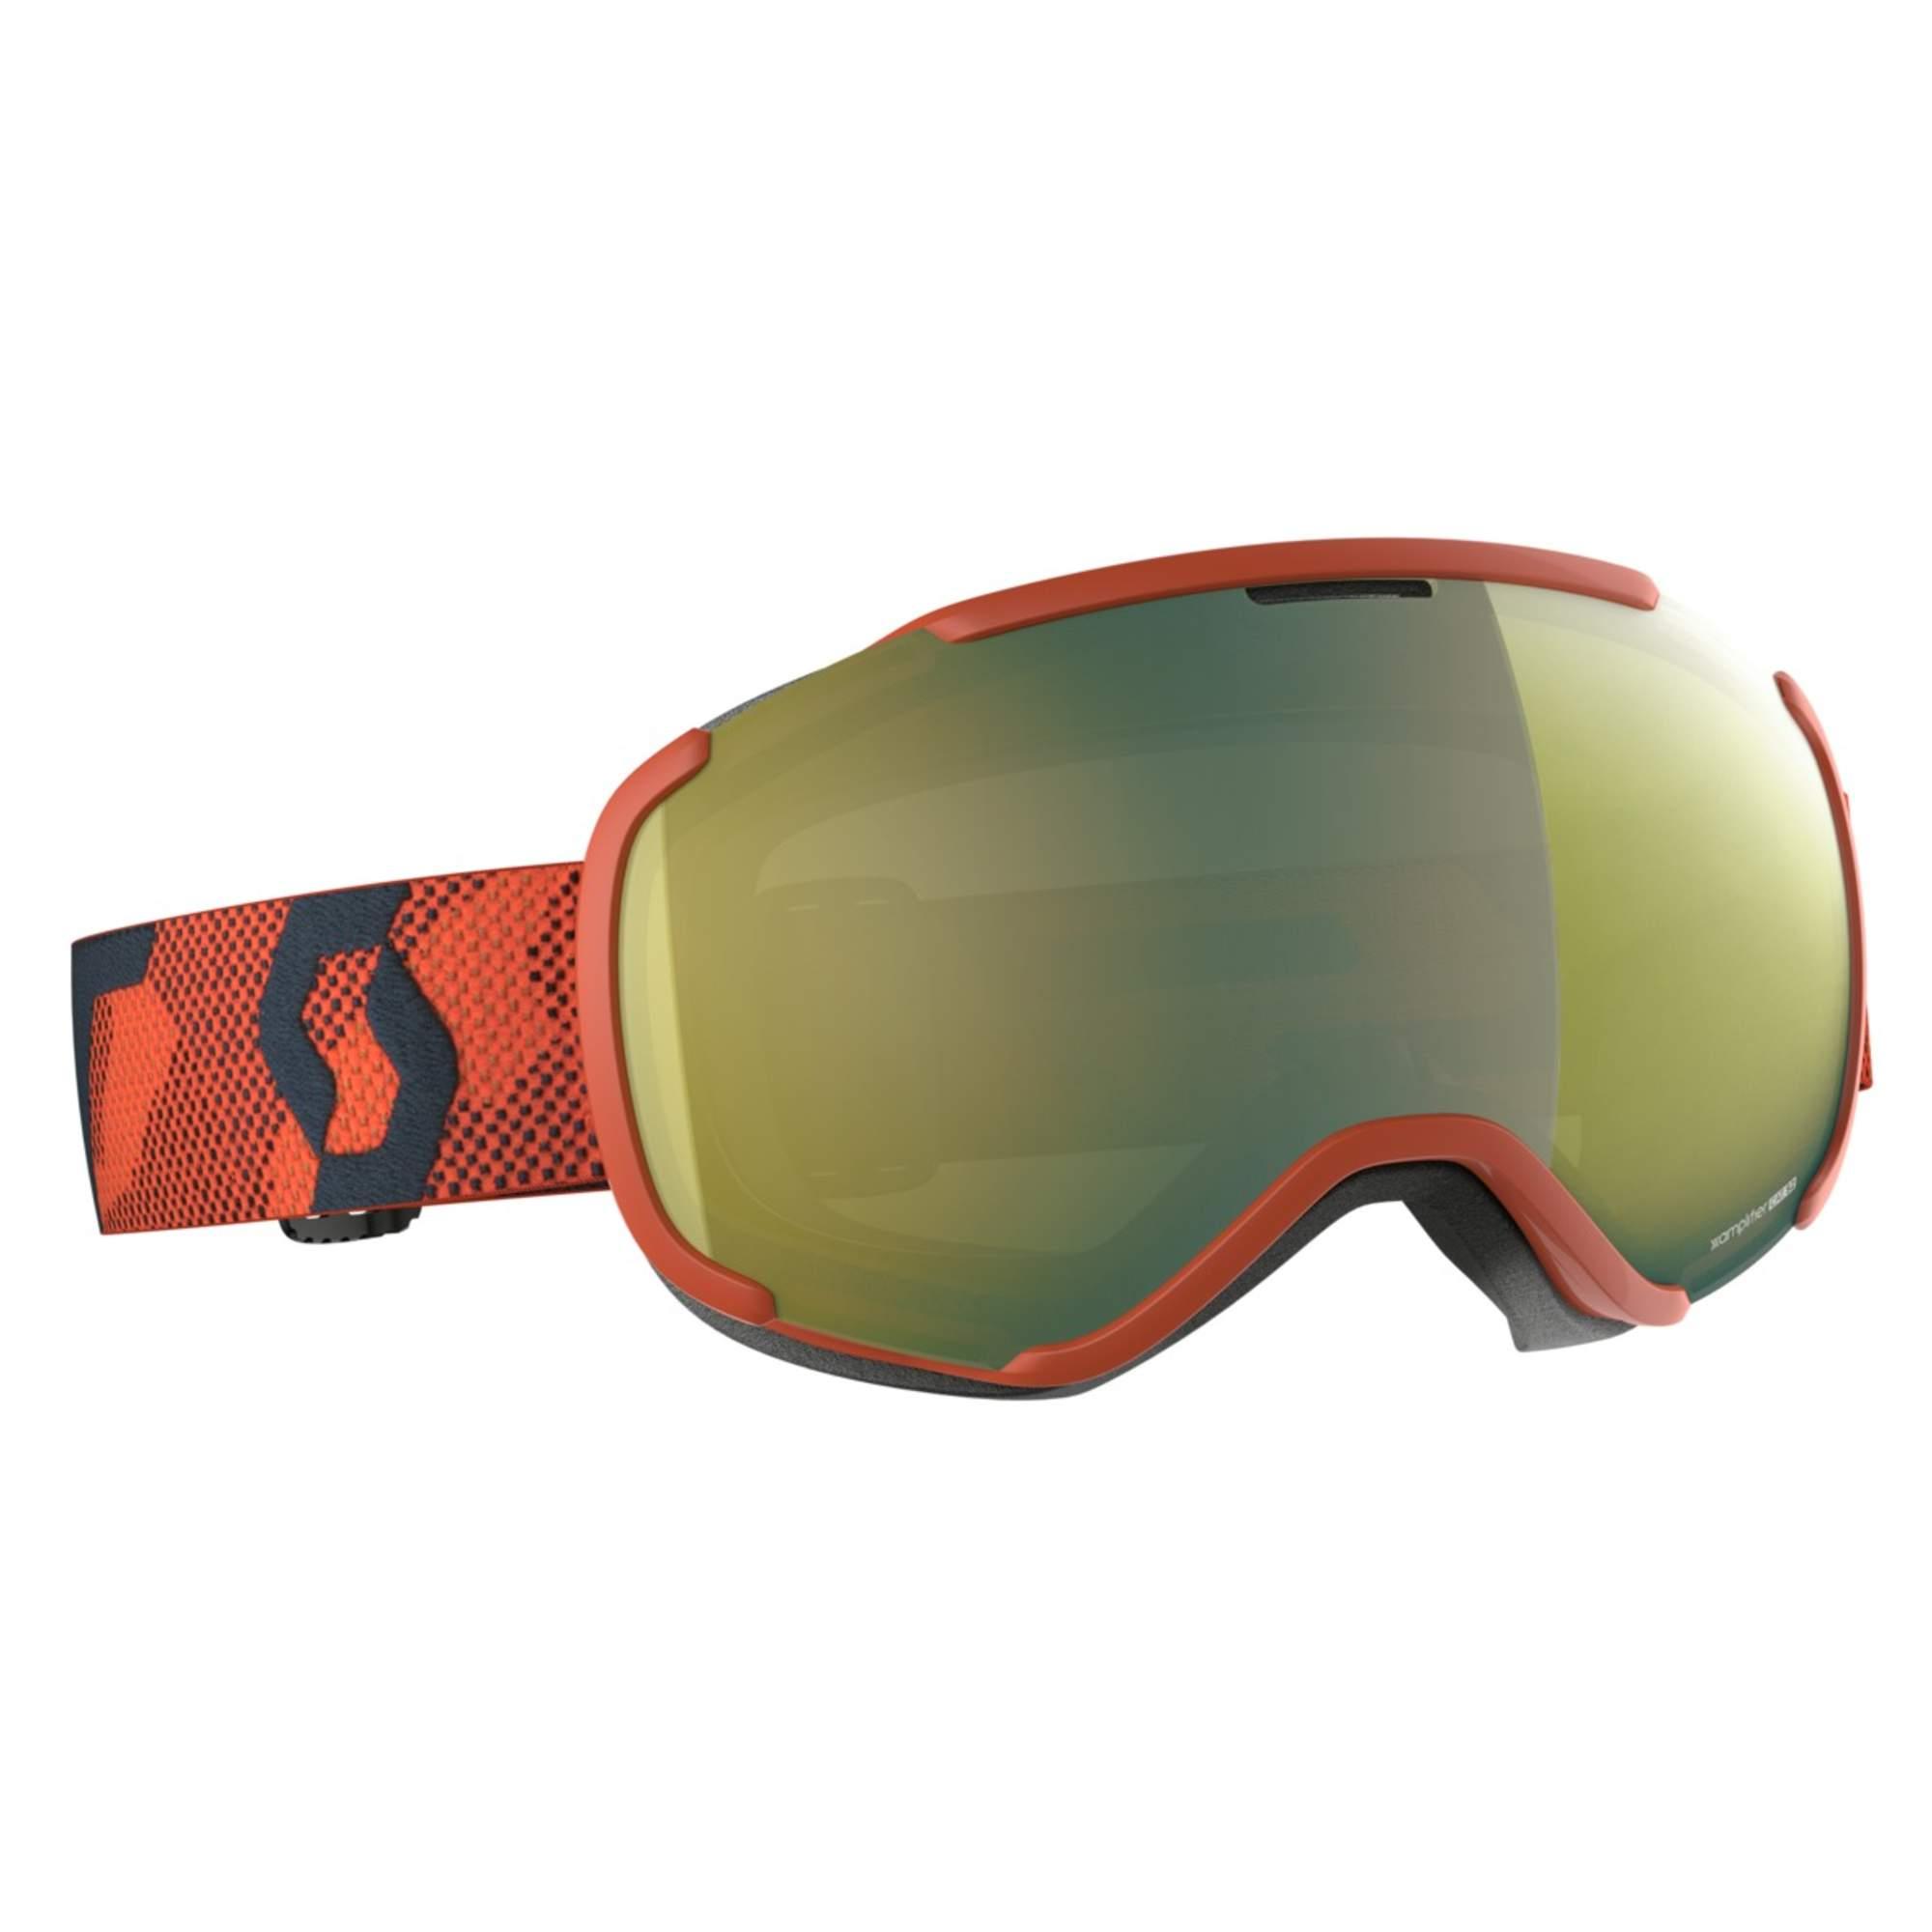 Scott Faze II Unisex - Skibrille - orange